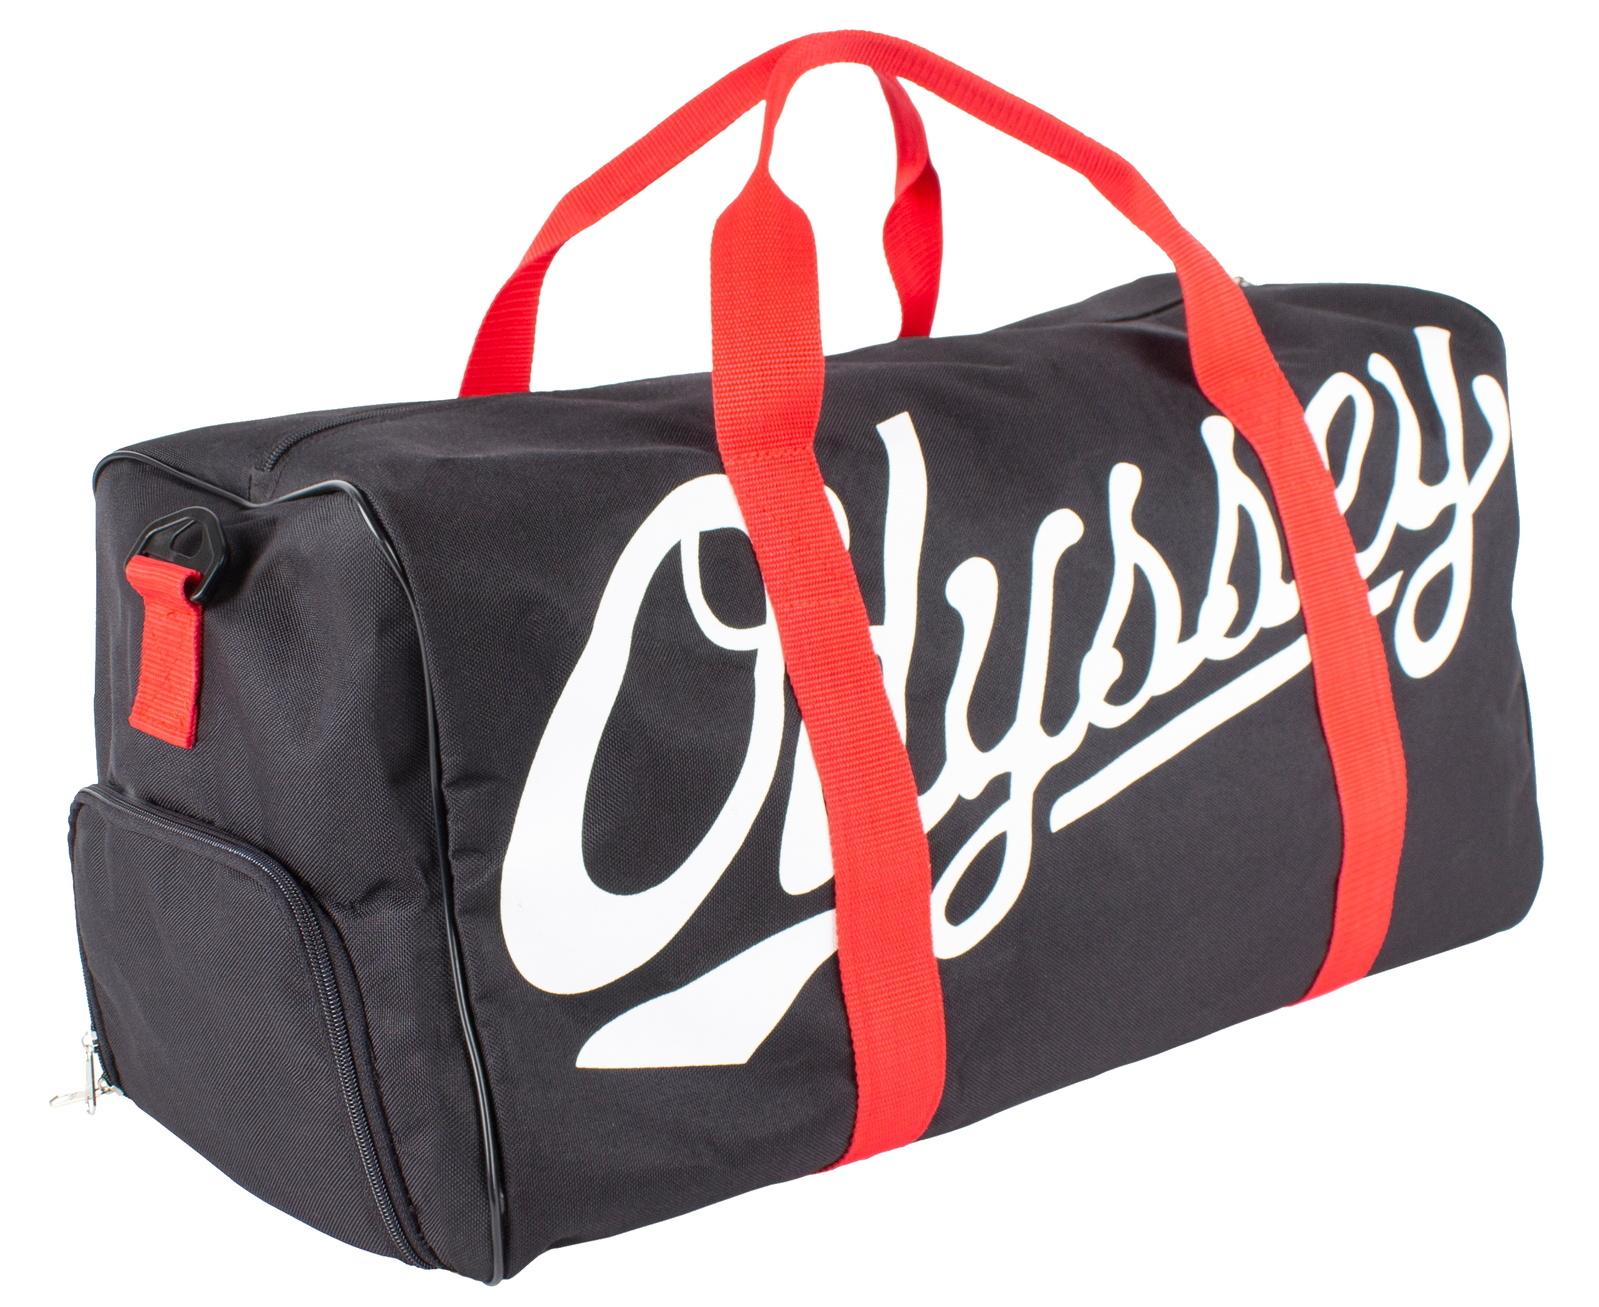 Odyssey Slugger Duffle Bag